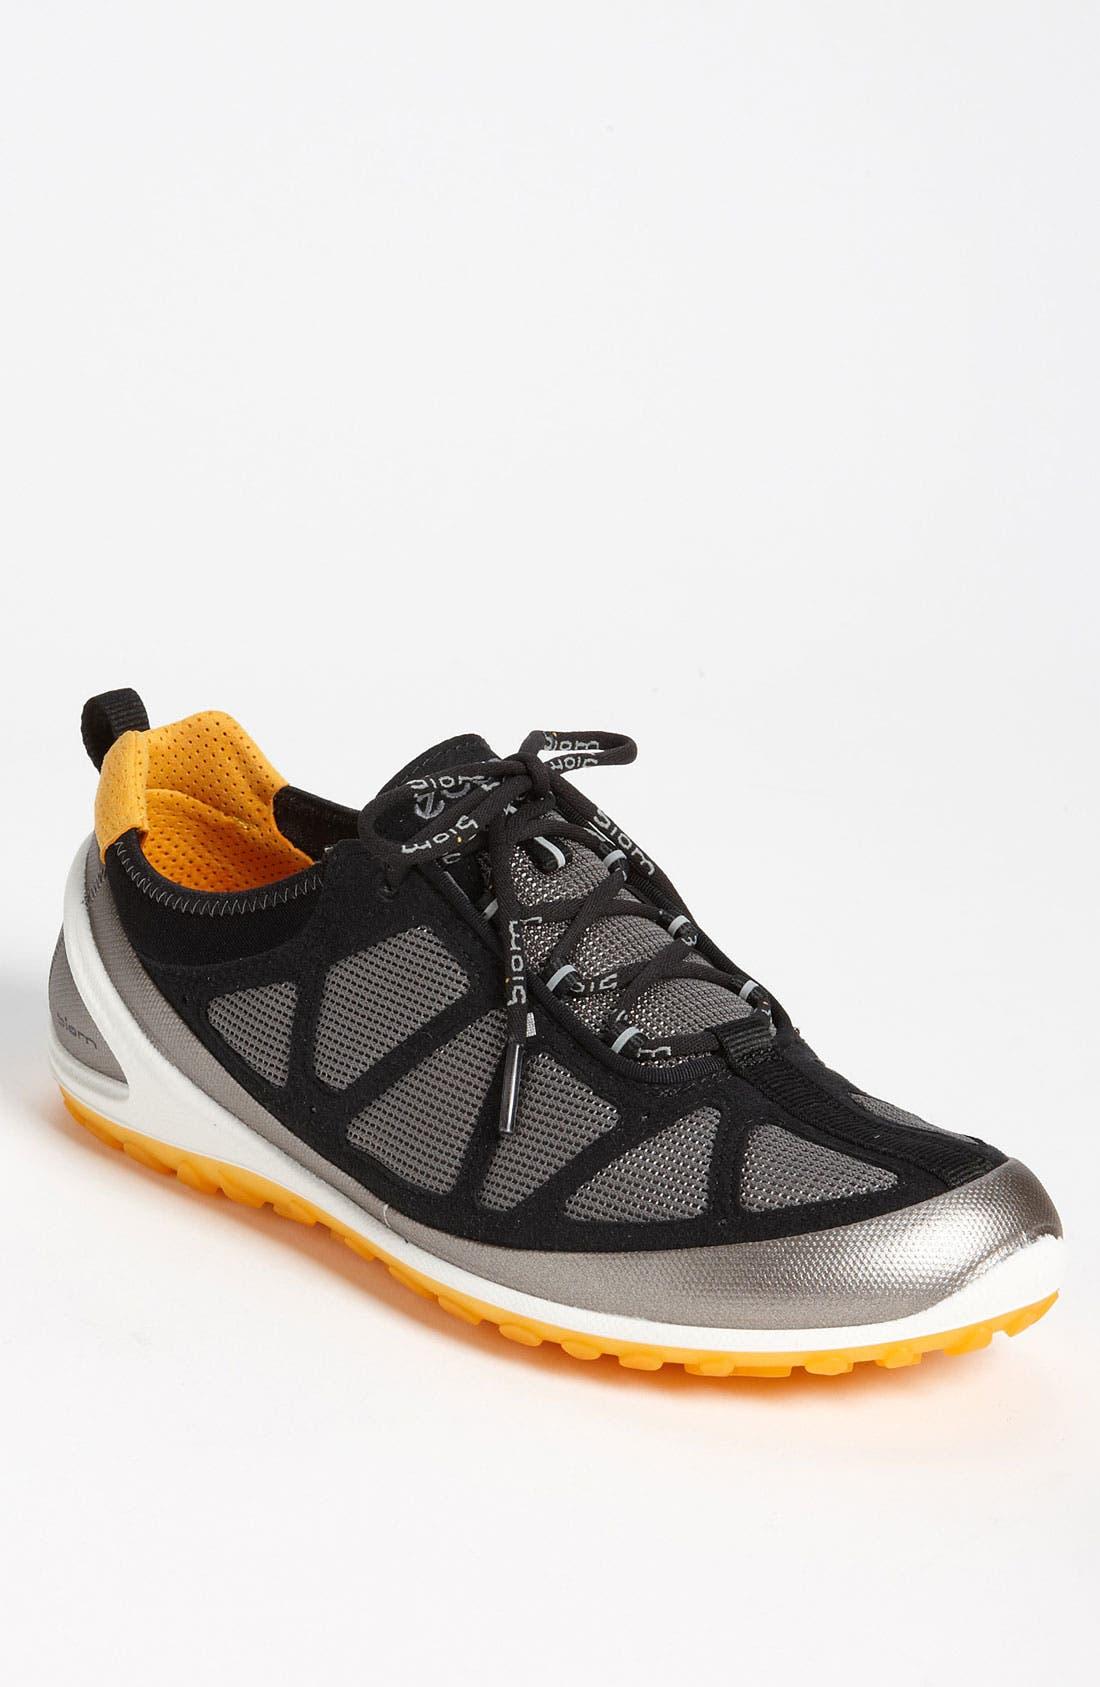 Main Image - ECCO 'Biom Lite 1.3' Sneaker (Men)